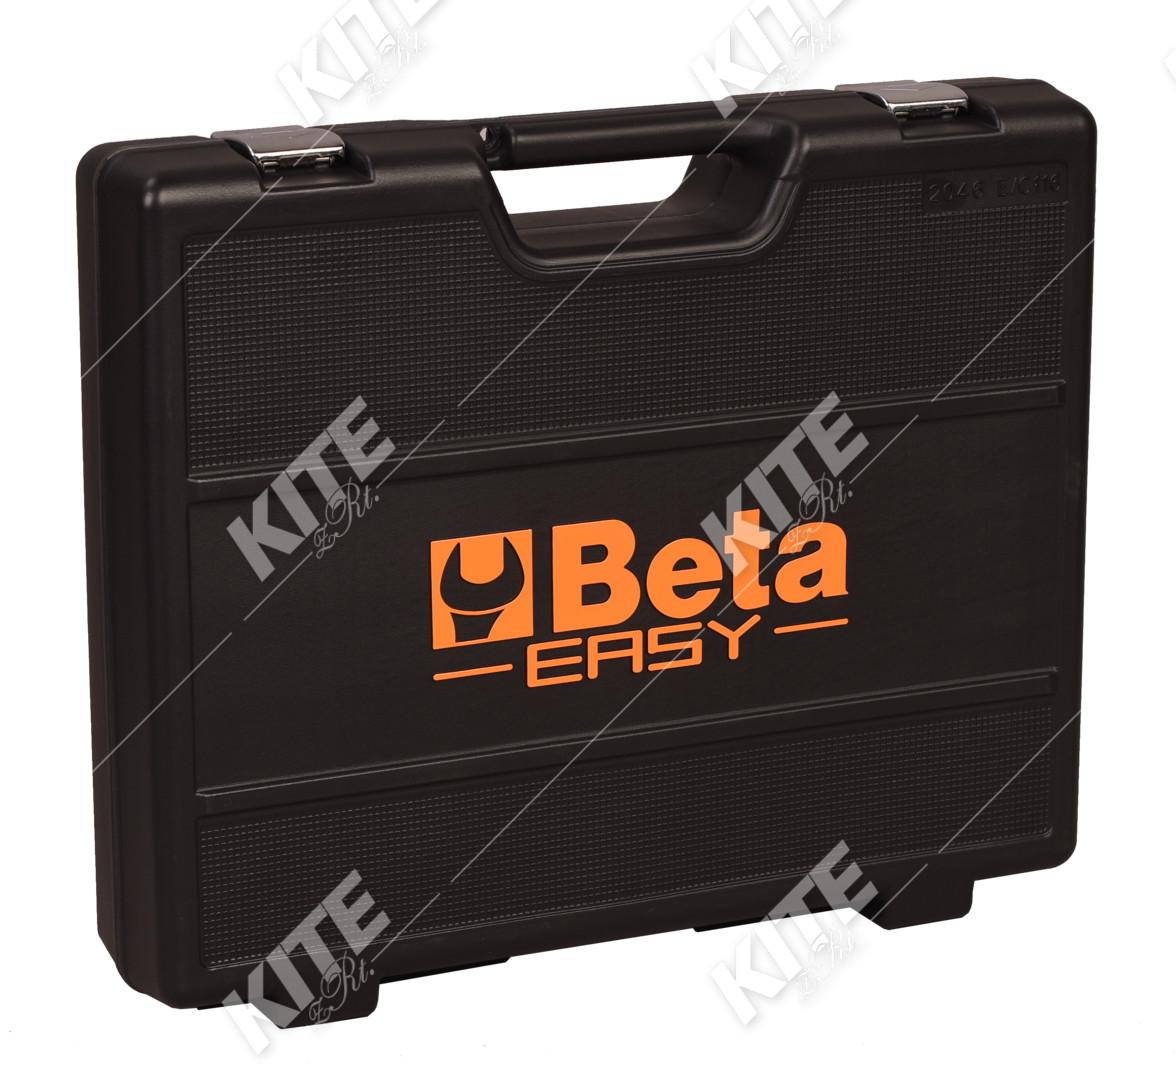 BETA szerszámkészlet (116 részes)